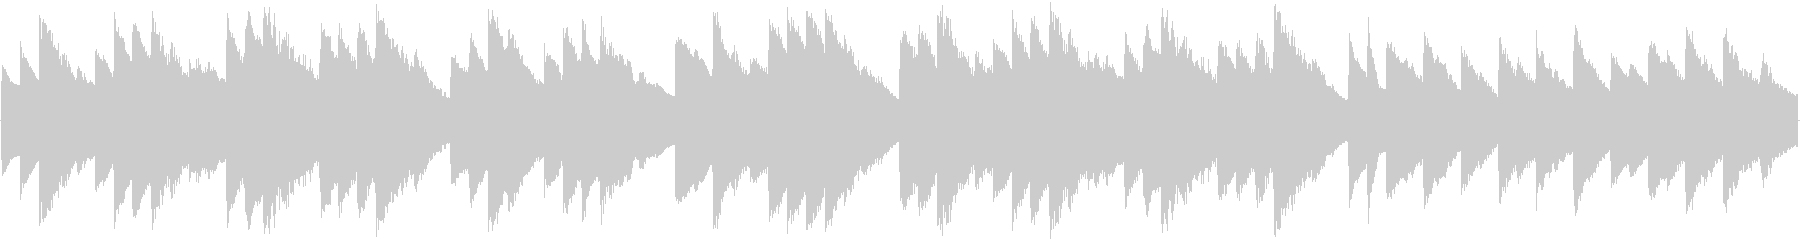 オルゴール曲で、着信音やオルゴールの曲…の未再生の波形